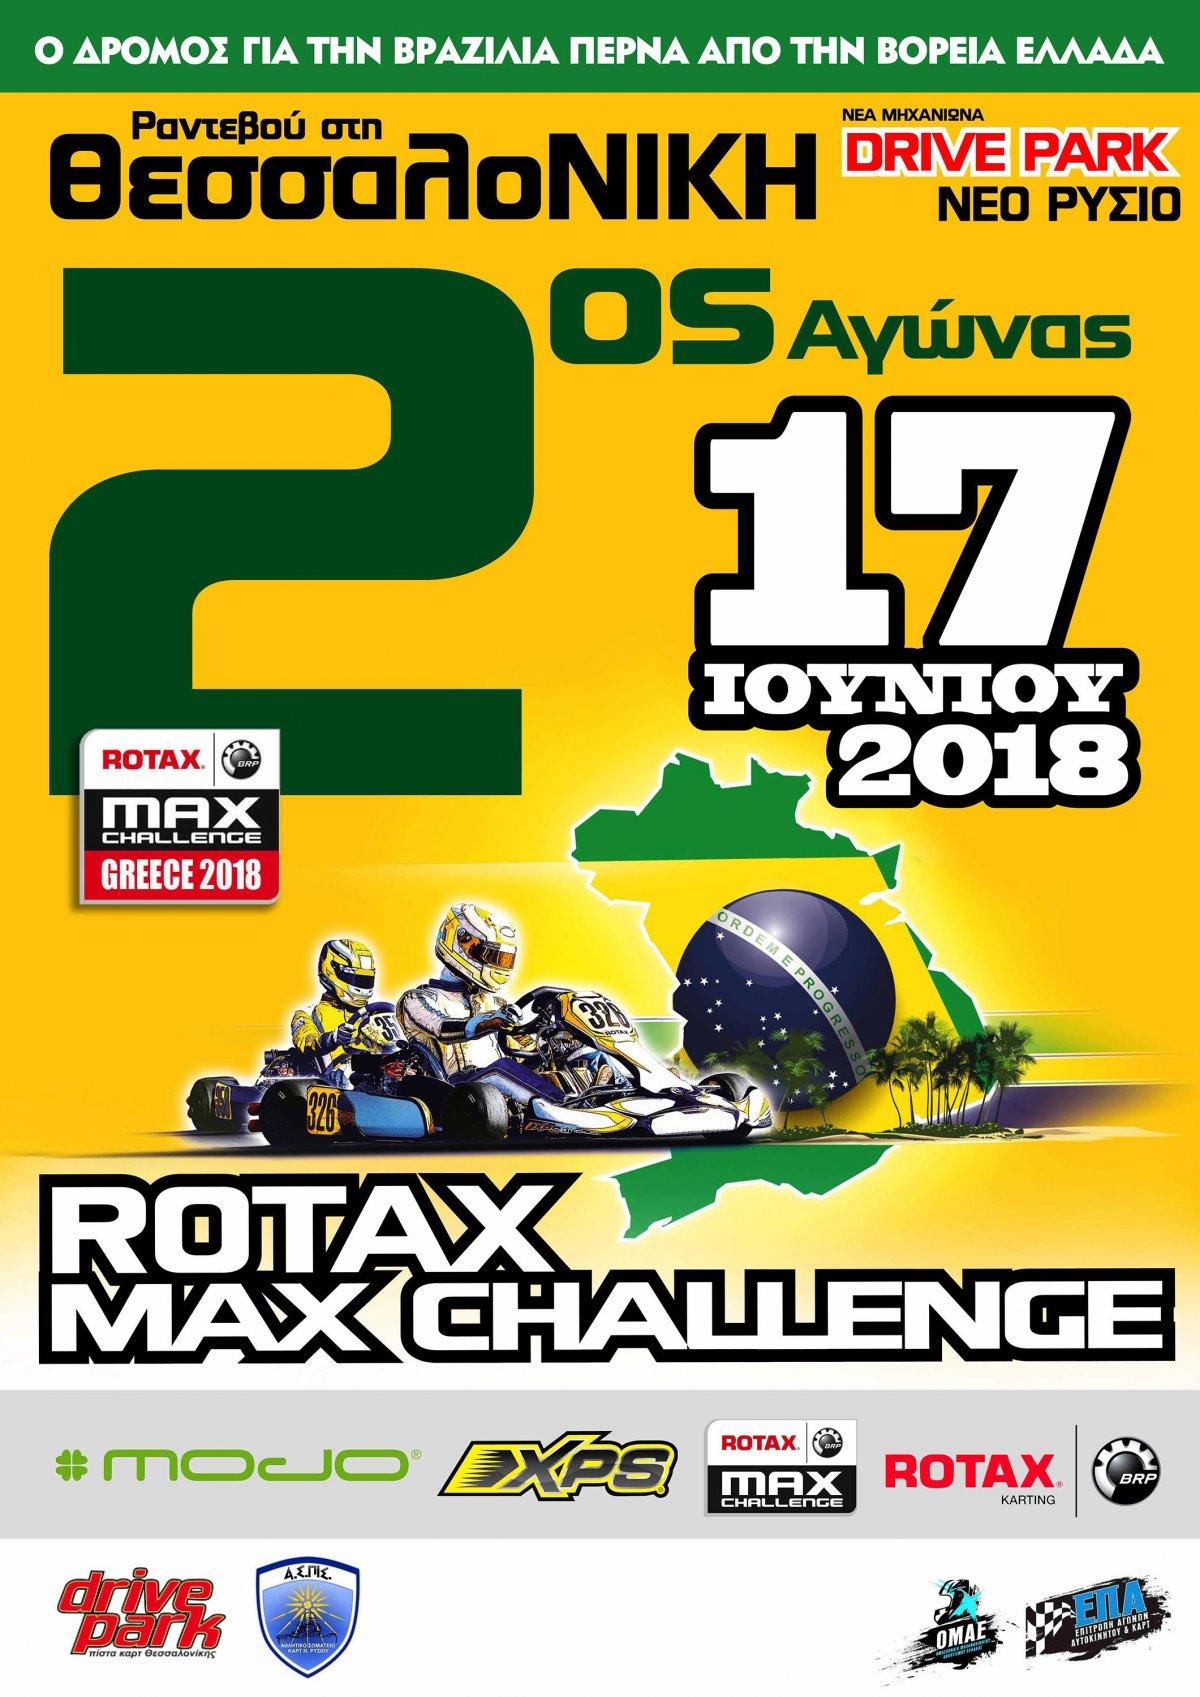 Αντίστροφη μέτρηση για τον 2ο Αγώνα του Rotax Max Challenge